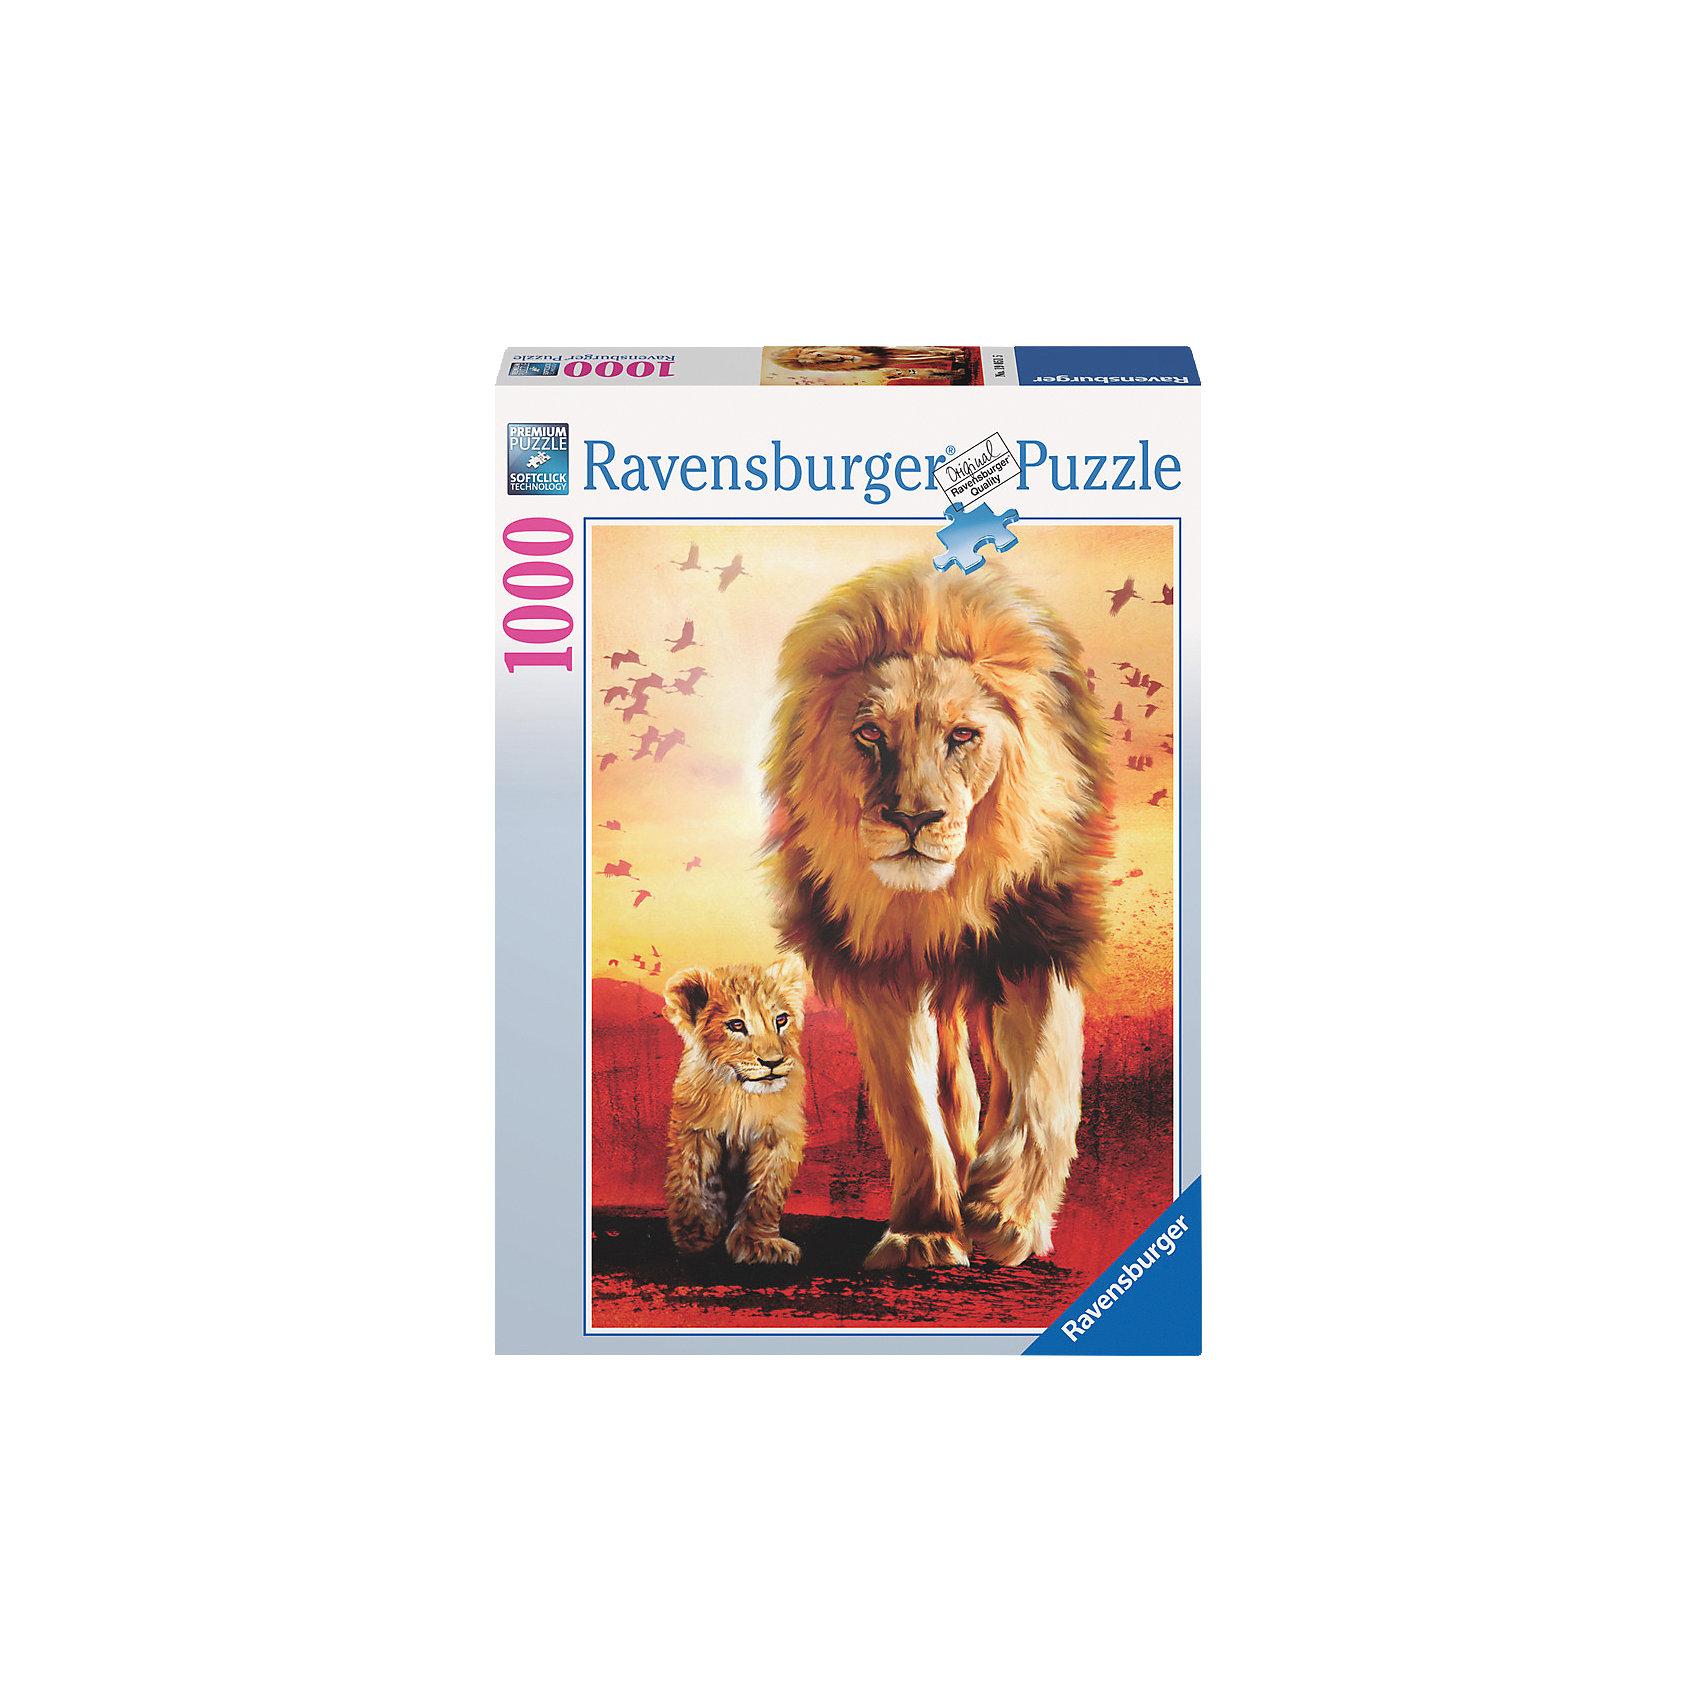 Пазл «Первые шаги» 1000  деталей, RavensburgerСоединив элементы Пазла «Первые шаги» 1000  деталей, Ravensburger (Равенсбургер), Вы получите красивую картинку с изображением львов. Маленький львенок вместе с отцом делает свои первые шаги по африканской саванне, светит жаркое солнце, земля раскалена докрасна, а на заднем плане кружат птицы. Эту прекрасную картину можно проклеить, повесить в раму и украсить ею любой интерьер.  <br><br>Характеристики:<br>-Элементы идеально соединяются друг с другом, не отслаиваются с течением времени<br>-Высочайшее качество картона и полиграфии <br>-Матовая поверхность исключает отблески<br>-Развивает: память, мышление, усидчивость, мелкая моторика, наблюдательность, воображение, общий уровень интеллекта, цветовосприятие<br>-Каждая деталь отличается по форме, что упростит сборку <br>-Занимательное времяпрепровождение для всей семьи<br>-Для сохранения в собранном виде можно использовать скотч или специальный клей для пазлов (в комплект не входит)<br><br>Дополнительная информация:<br>-Материалы: картон<br>-Вес в упаковке: 900 г<br>-Размеры в упаковке: 27х37х5,5 см<br>-Размер картинки: 50х70 см<br>-Количество элементов: 1000 шт.<br><br>Чтобы собрать пазл «Первые шаги» понадобится несколько вечеров, но увлекательное занятие без сомнения понравится как детям, так и взрослым ценителям этого хобби!<br><br>Пазл «Первые шаги» 1000  деталей, Ravensburger (Равенсбургер) можно купить в нашем магазине.<br><br>Ширина мм: 377<br>Глубина мм: 276<br>Высота мм: 59<br>Вес г: 849<br>Возраст от месяцев: 144<br>Возраст до месяцев: 228<br>Пол: Унисекс<br>Возраст: Детский<br>Количество деталей: 1000<br>SKU: 2414785